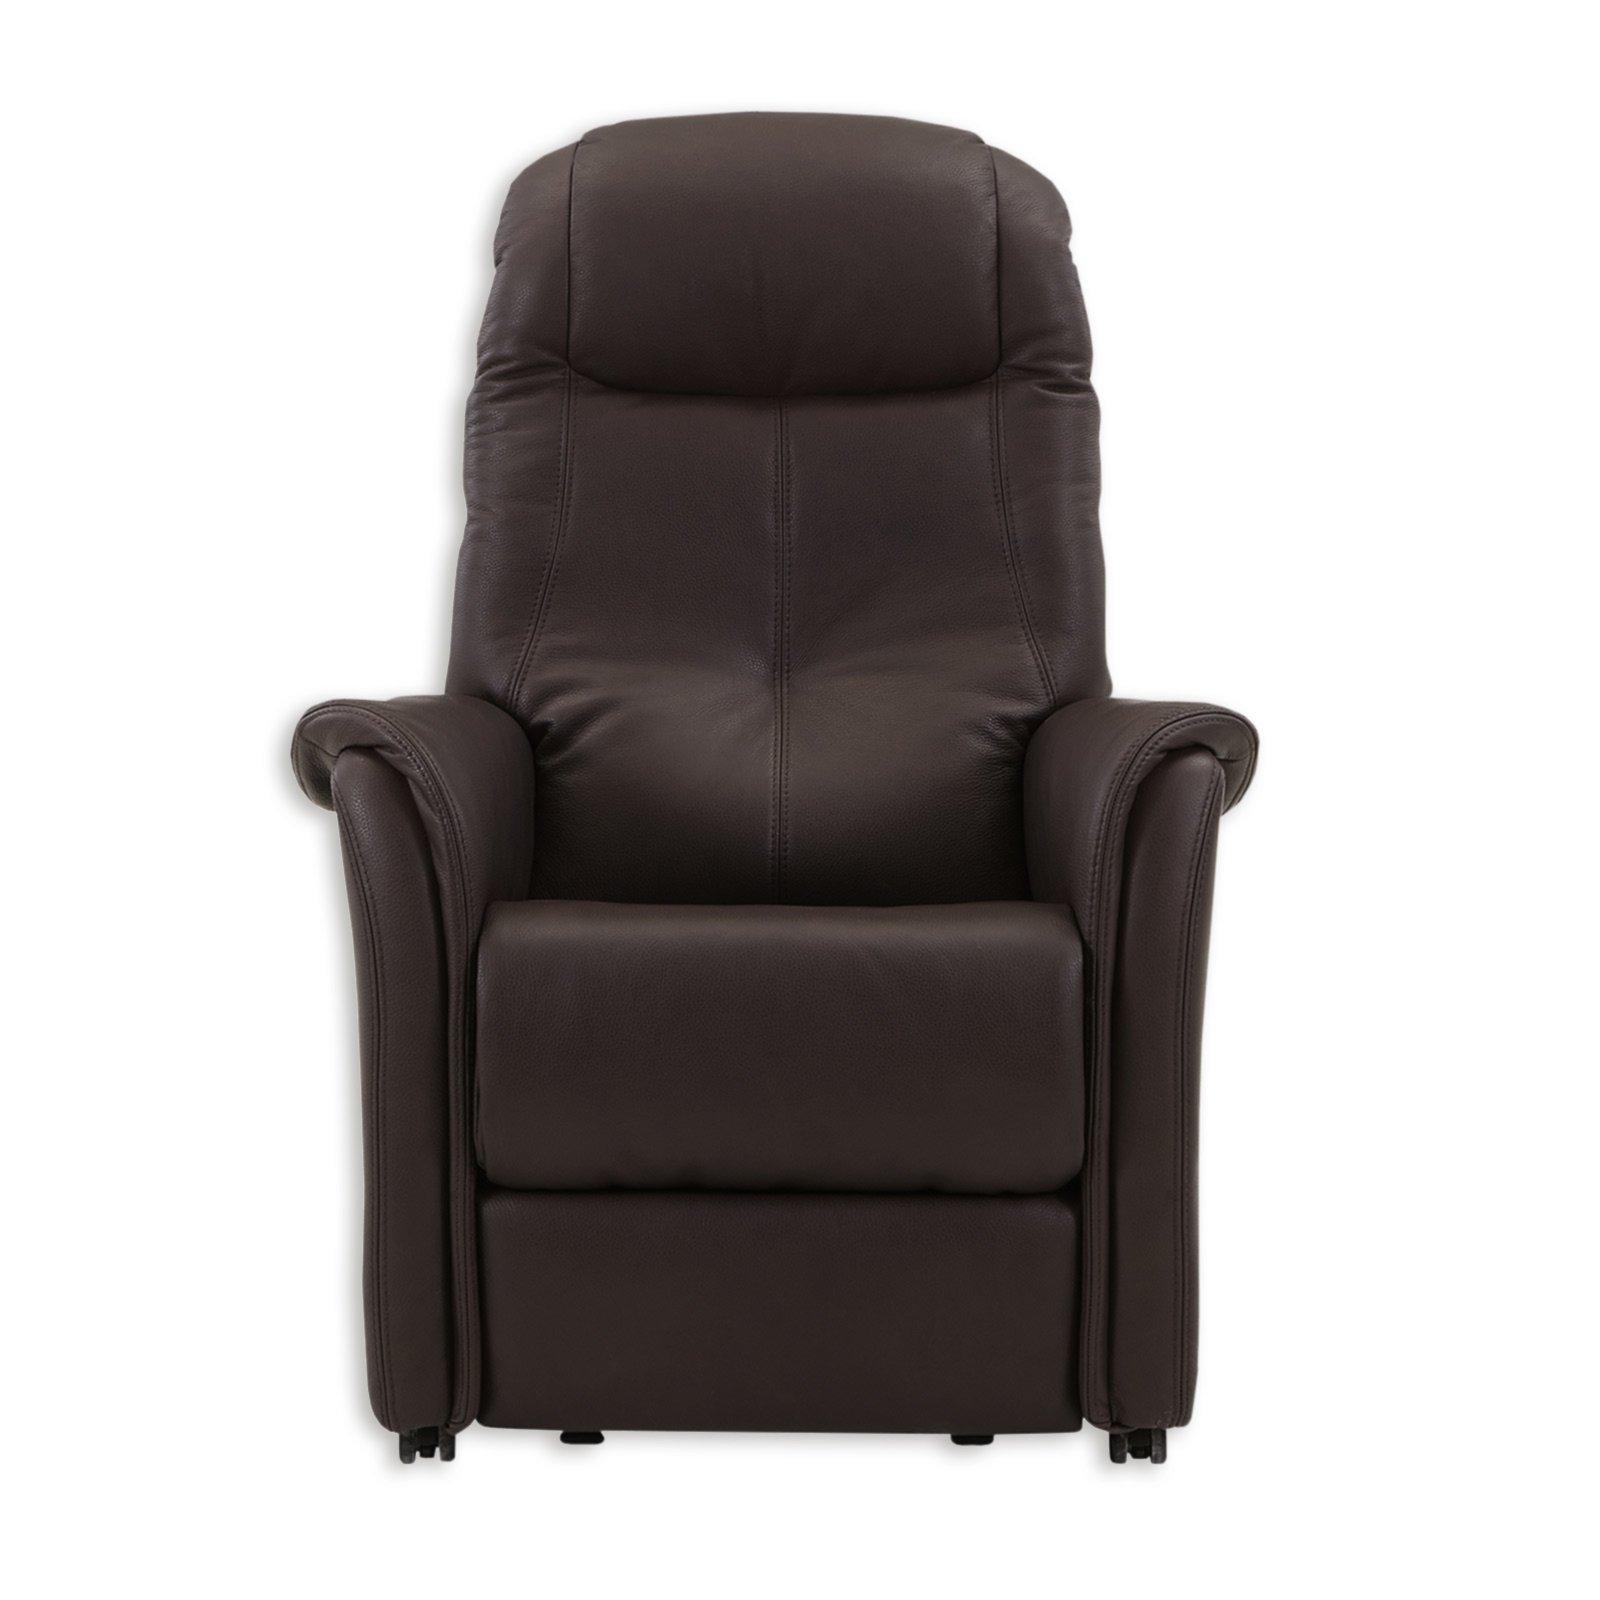 tv ledersessel dunkelbraun funktionen fernseh. Black Bedroom Furniture Sets. Home Design Ideas